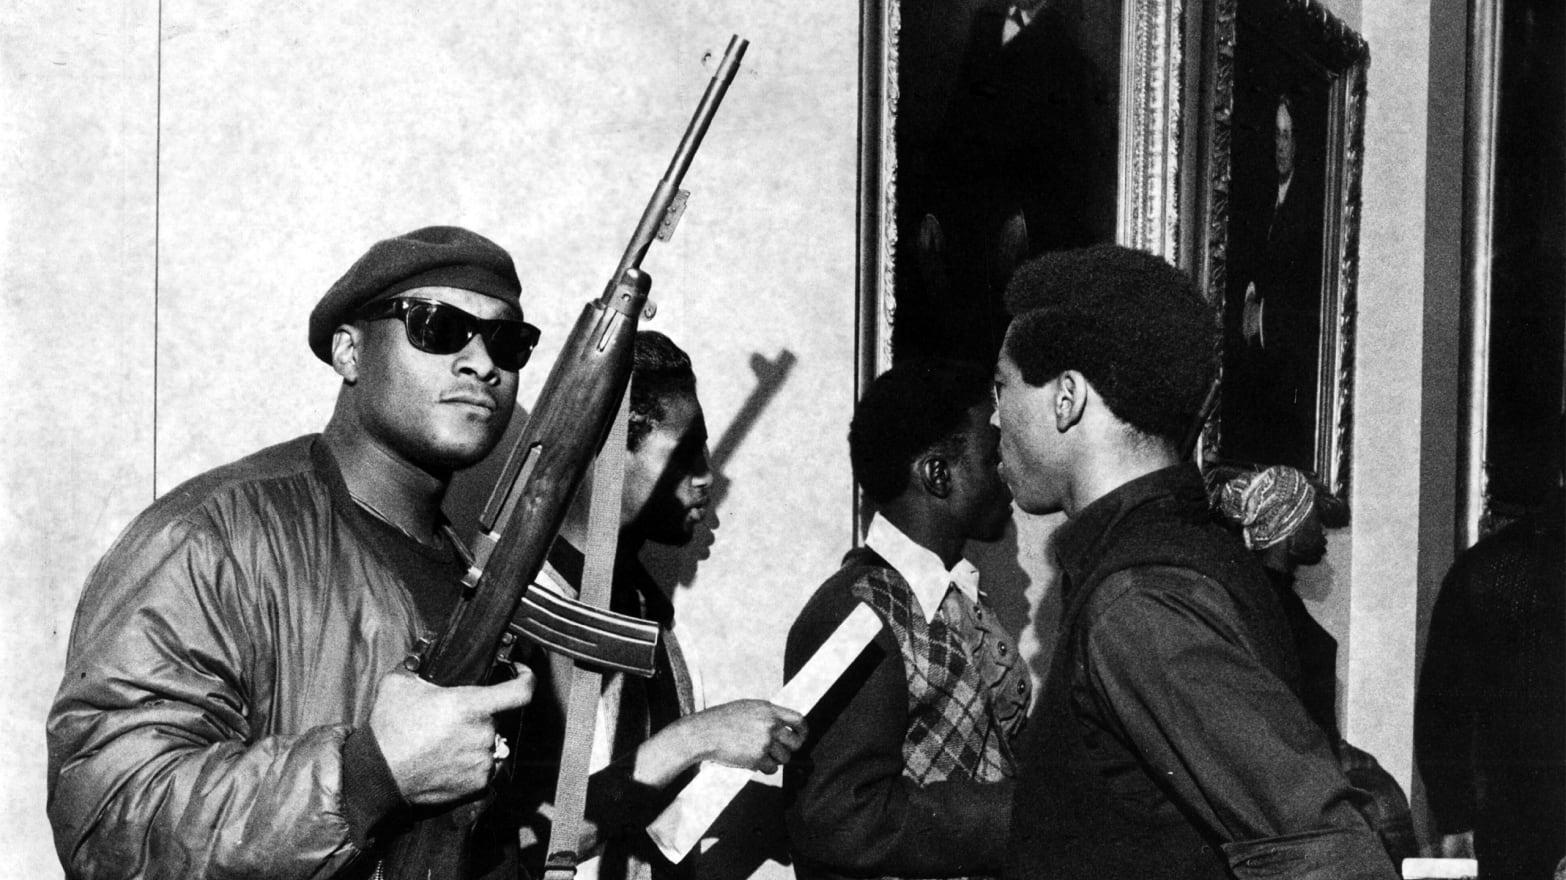 Whitewashing the Black Panthers